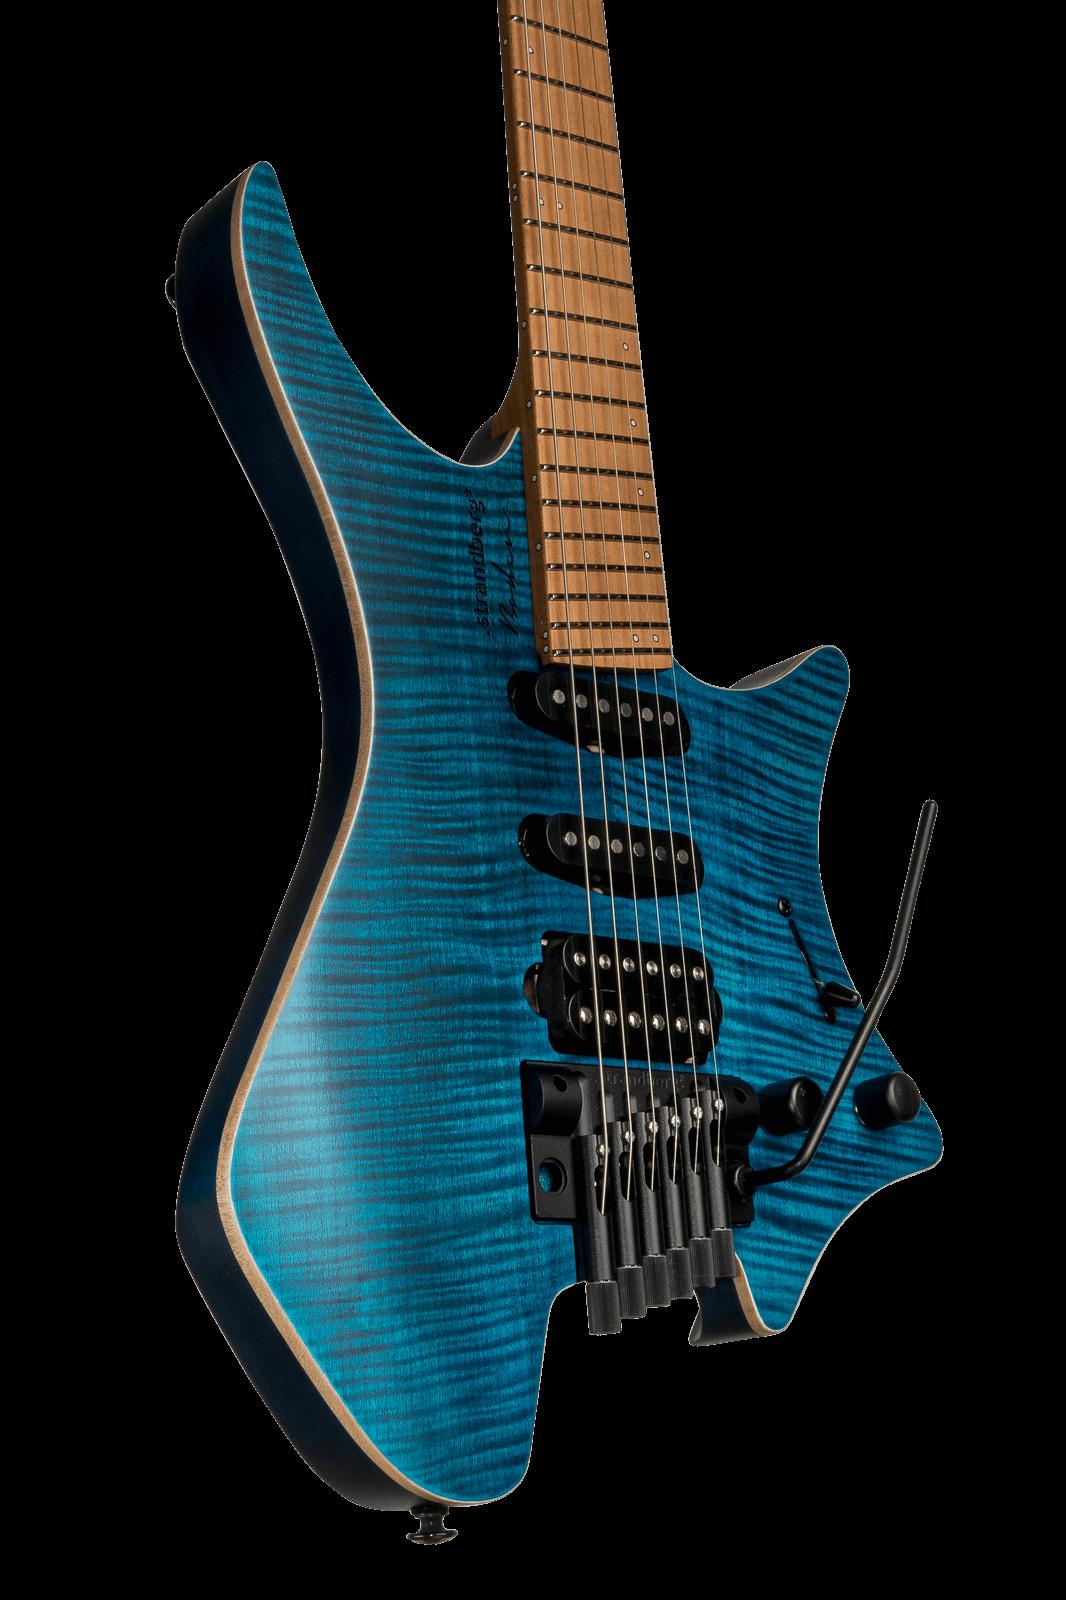 boden standard 6 tremolo maple flame blue strandberg guitars rest of world. Black Bedroom Furniture Sets. Home Design Ideas